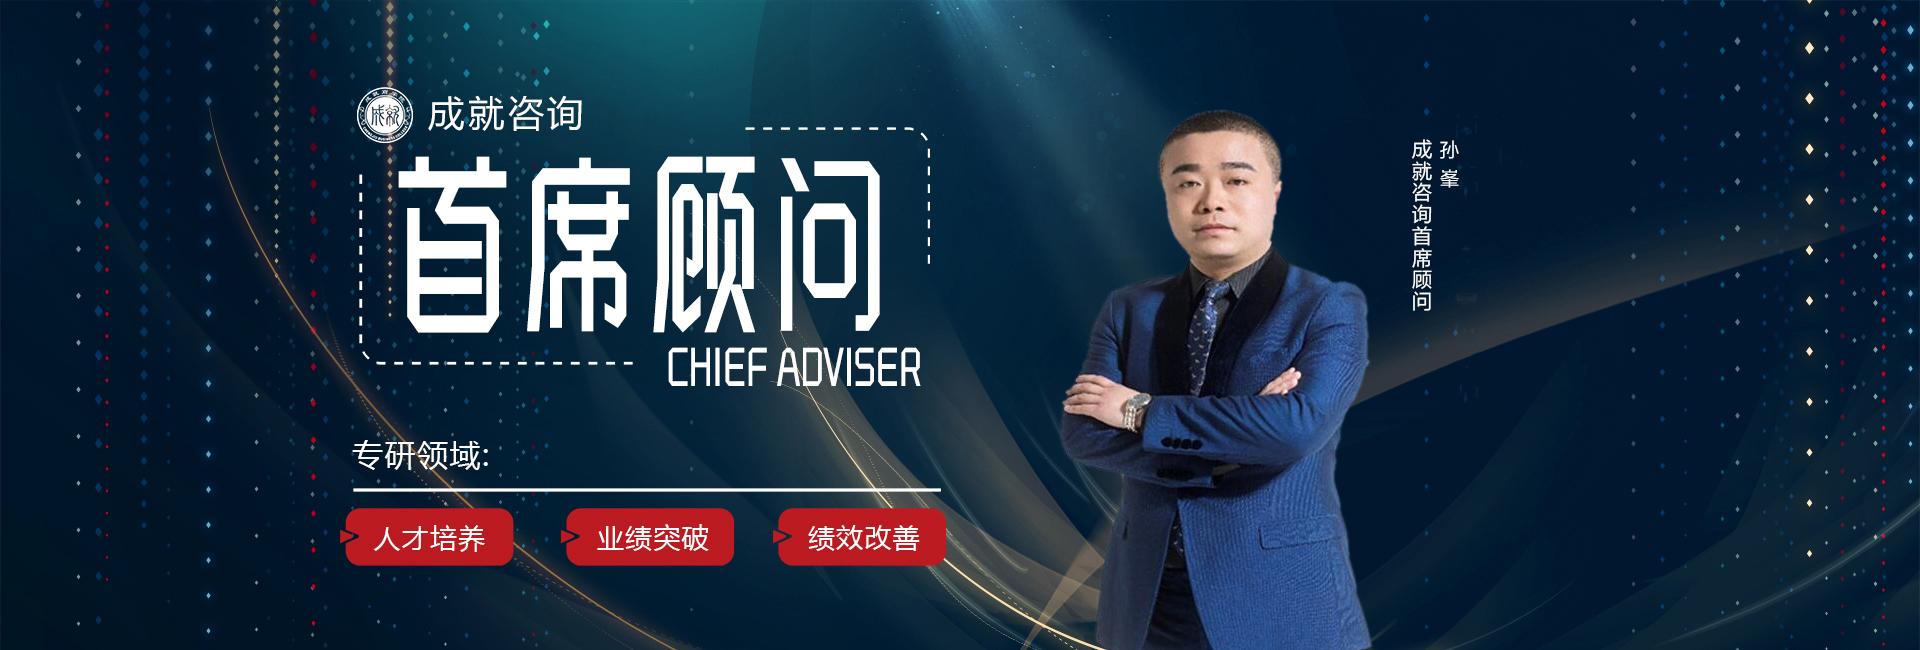 聚星用户注册创始人-孙峰老师